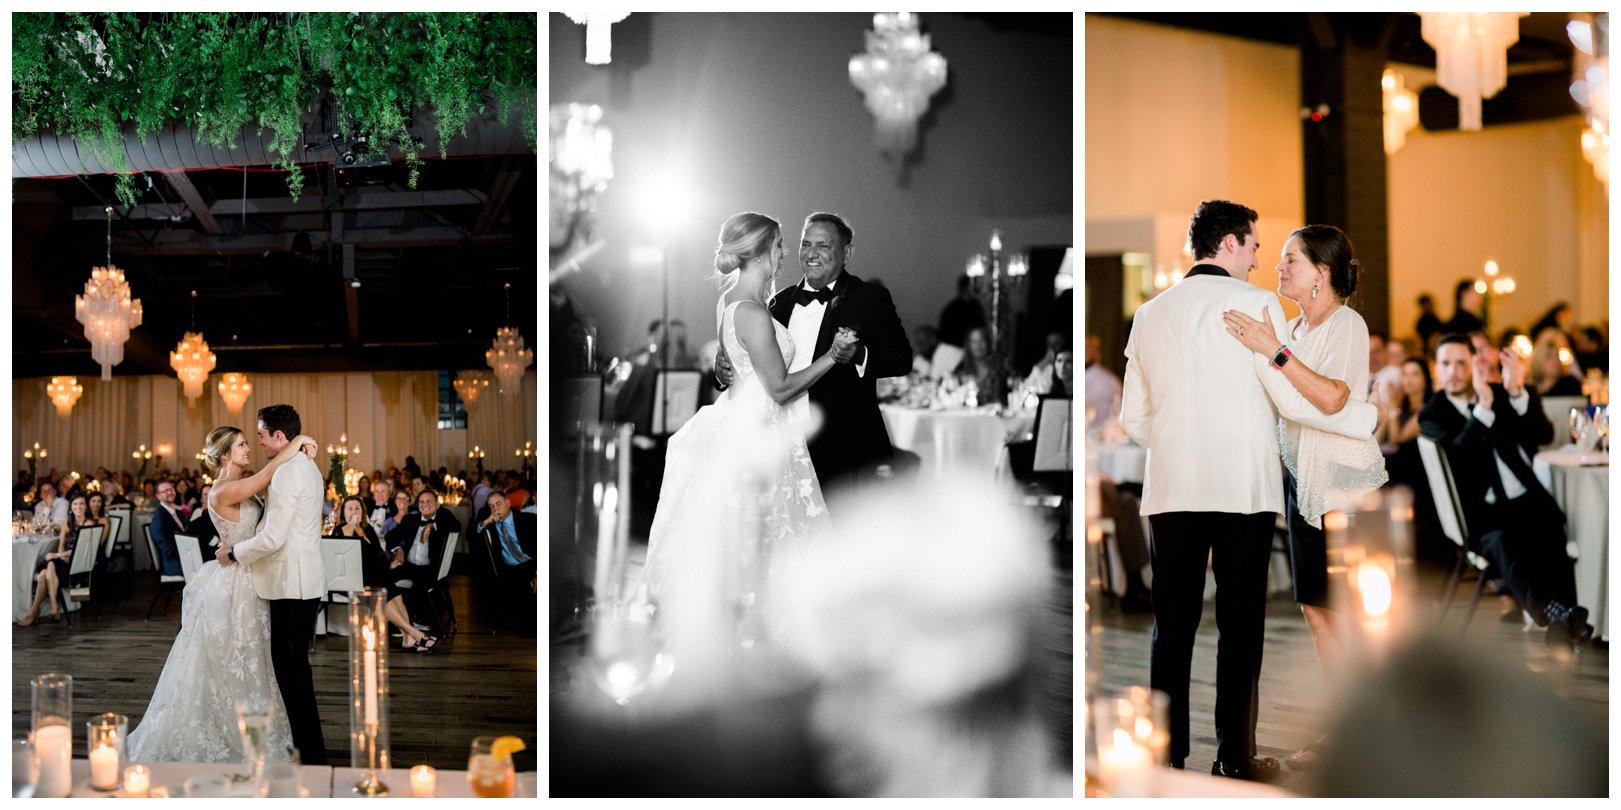 lauren muckler photography_fine art film wedding photography_st louis_photography_3213.jpg